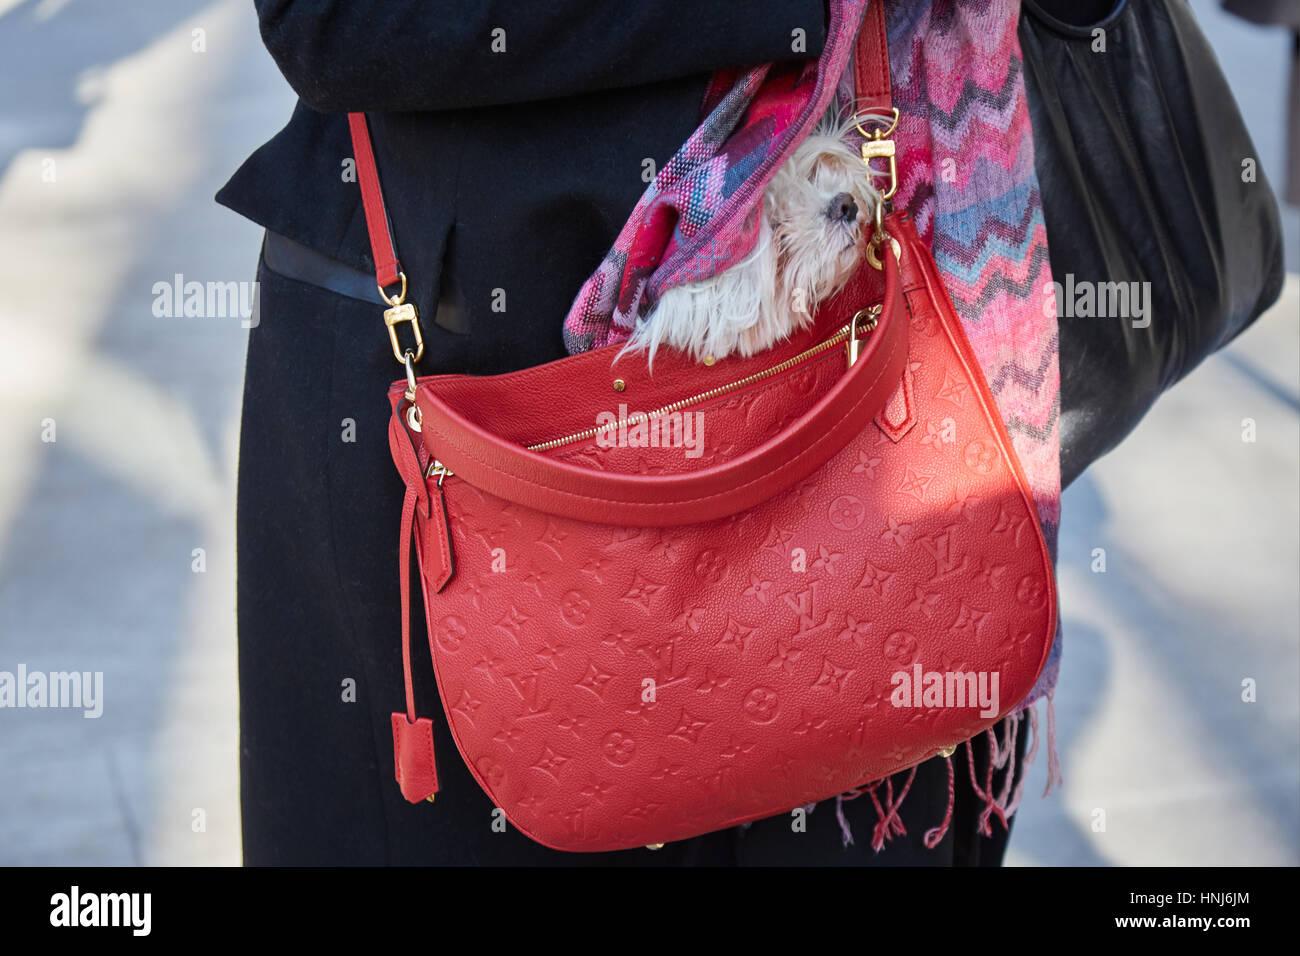 14ac577ee023 Femme avec chien en rouge avec Louis Vuitton sac rouge avant de Giorgio Armani  fashion show